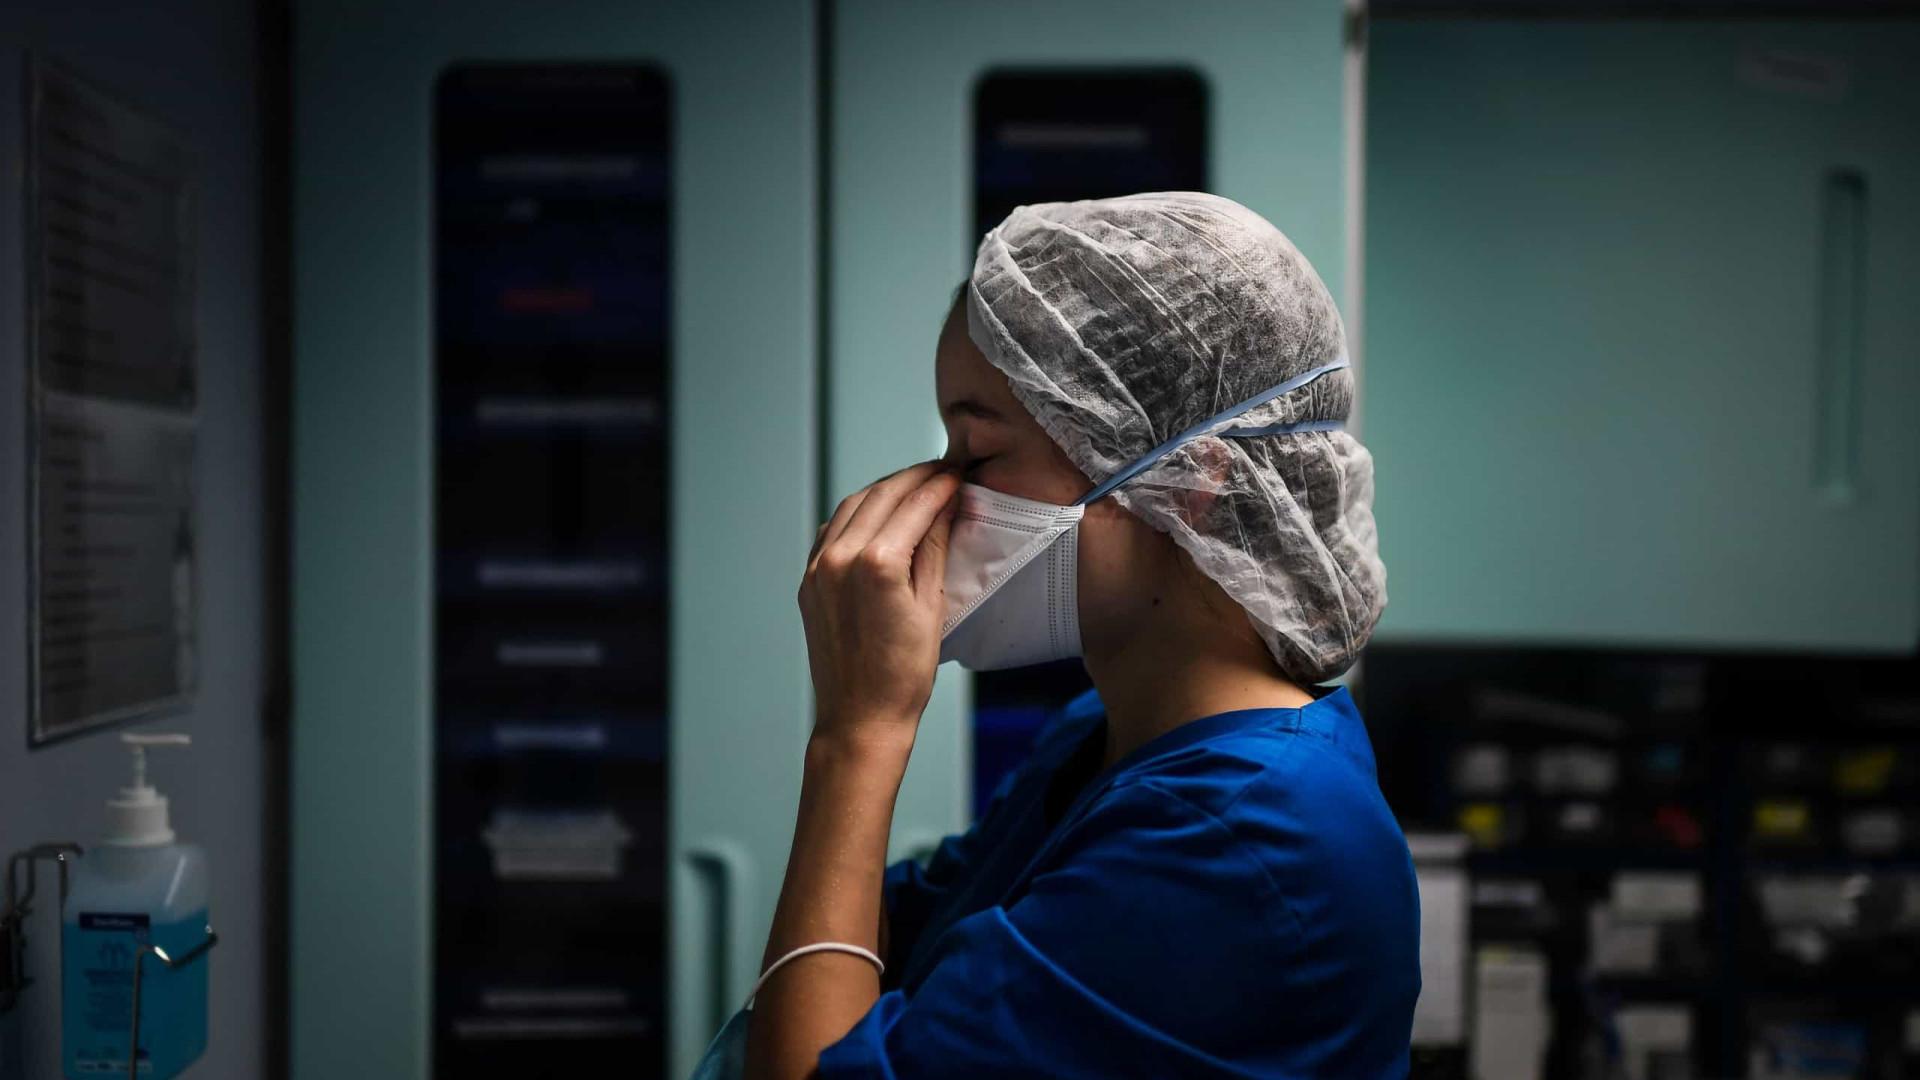 Covid-19: Brasil tem 5,35 milhões de casos e 156,4 mil mortes